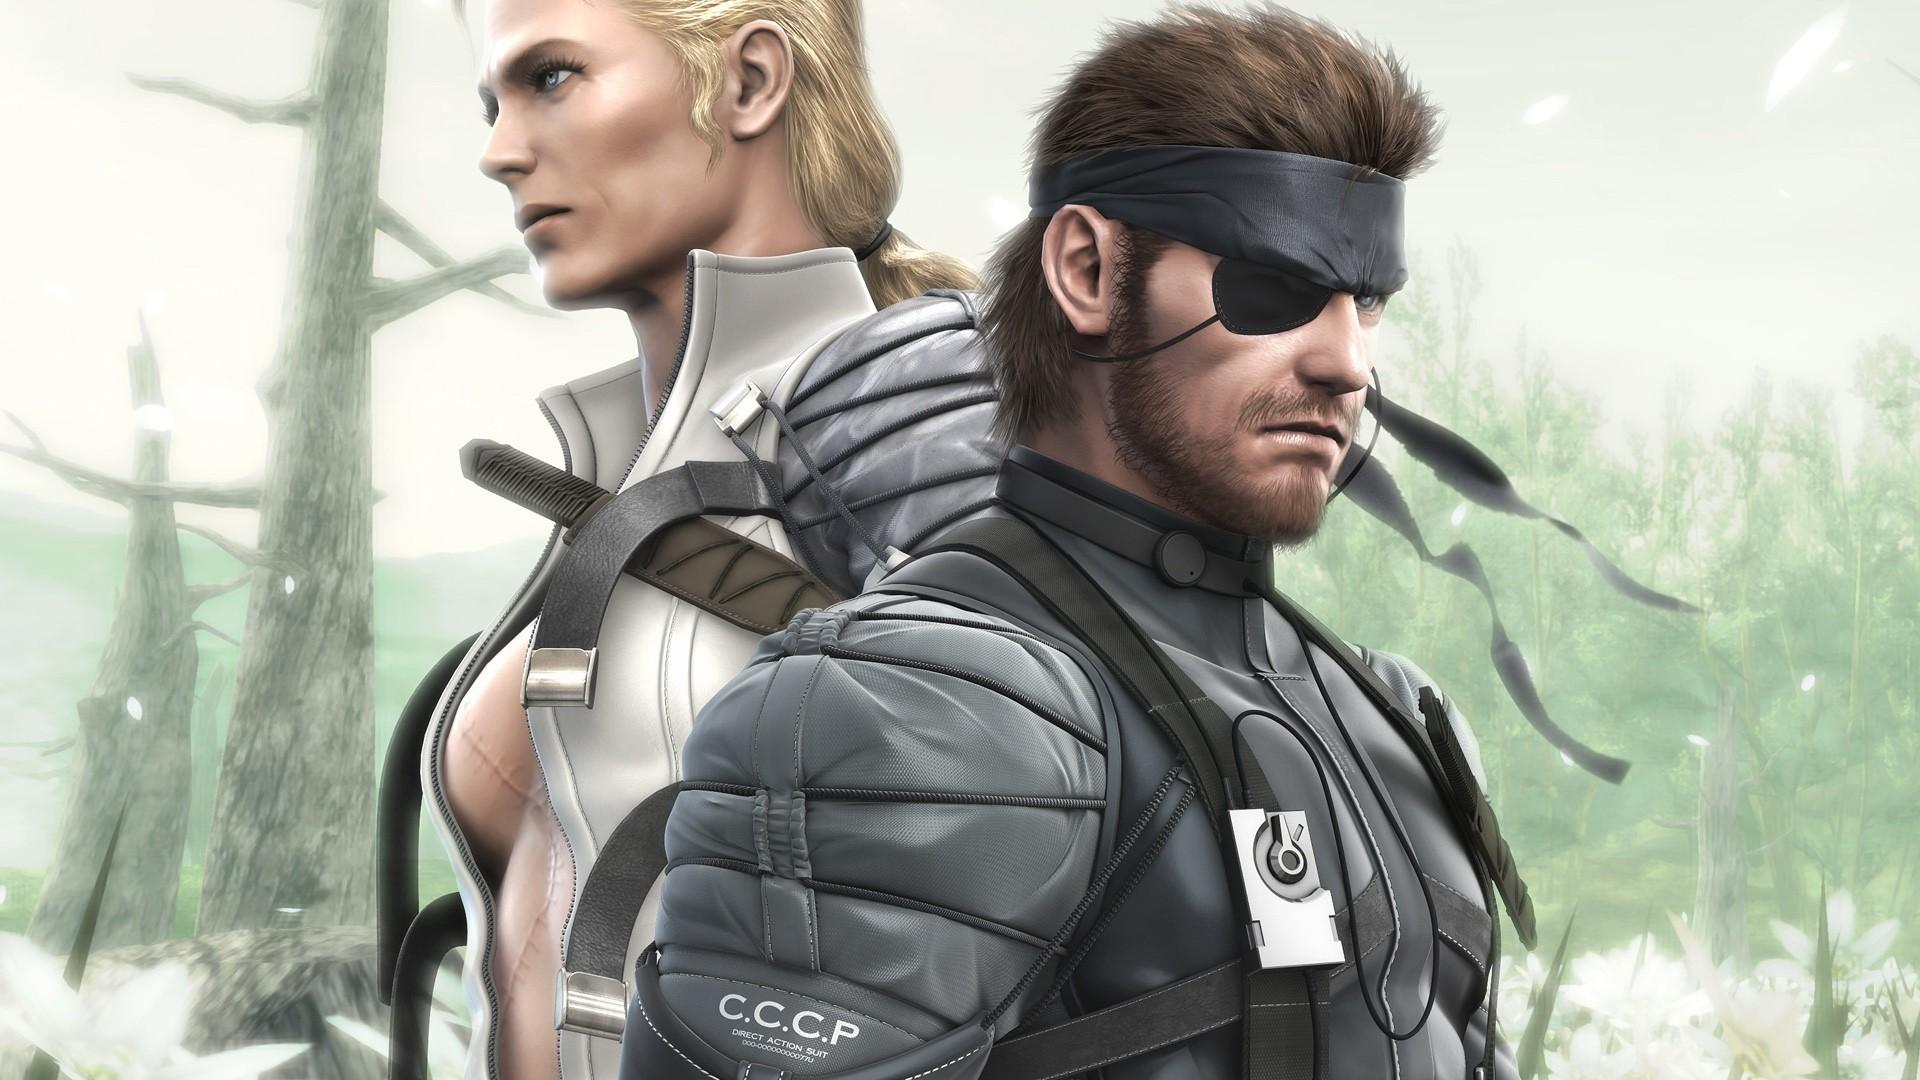 Студия Virtuos занимается неанонсированным ремейком AAA-игры — возможно, речь о Metal Gear Solid 3